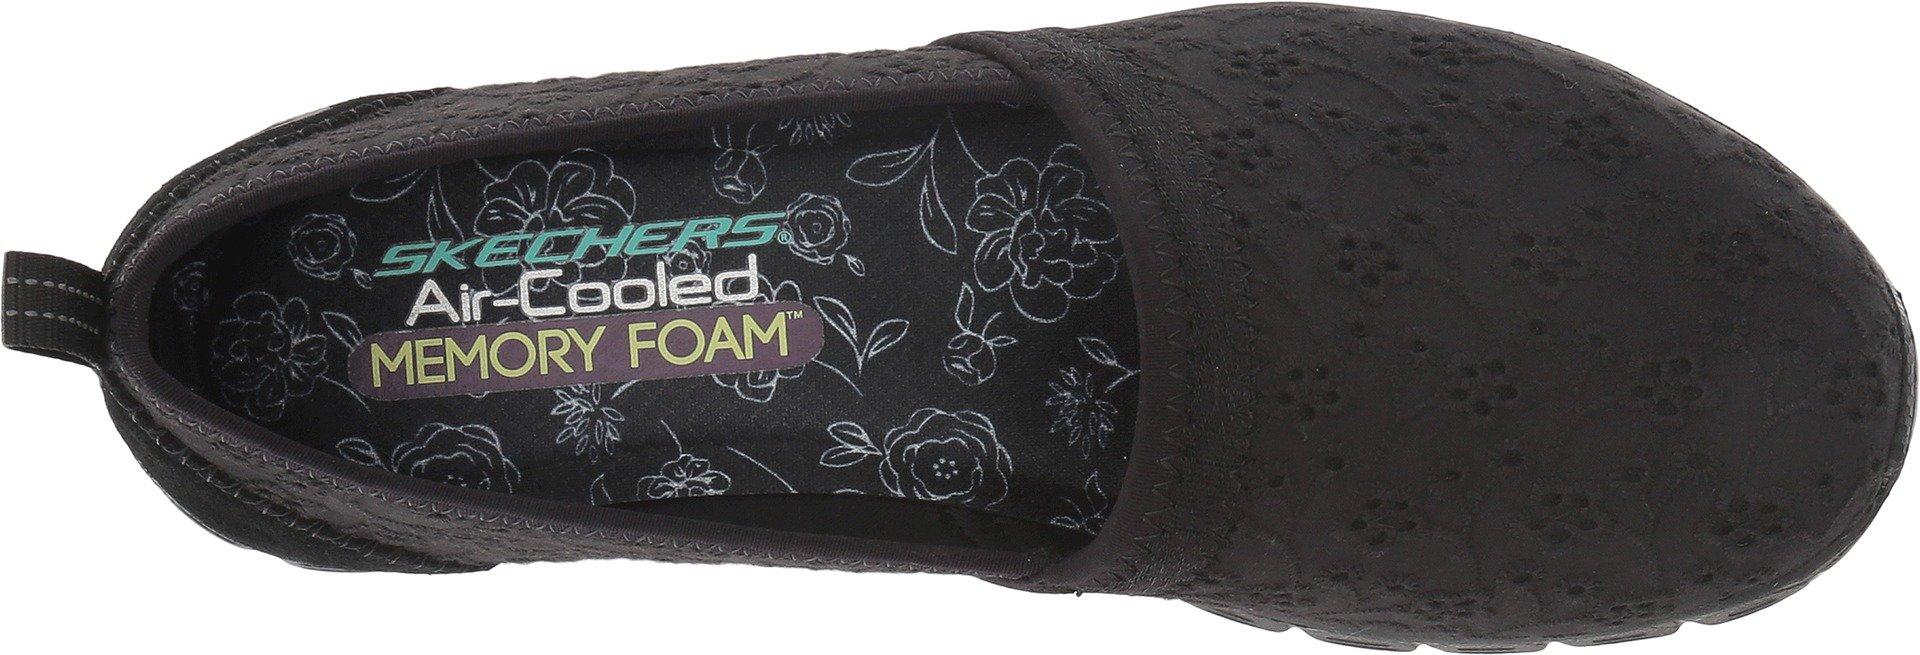 Skechers Ez Flex 3.0 Kindred Spirit Womens Slip On Sneakers,Black,9 by Skechers (Image #2)